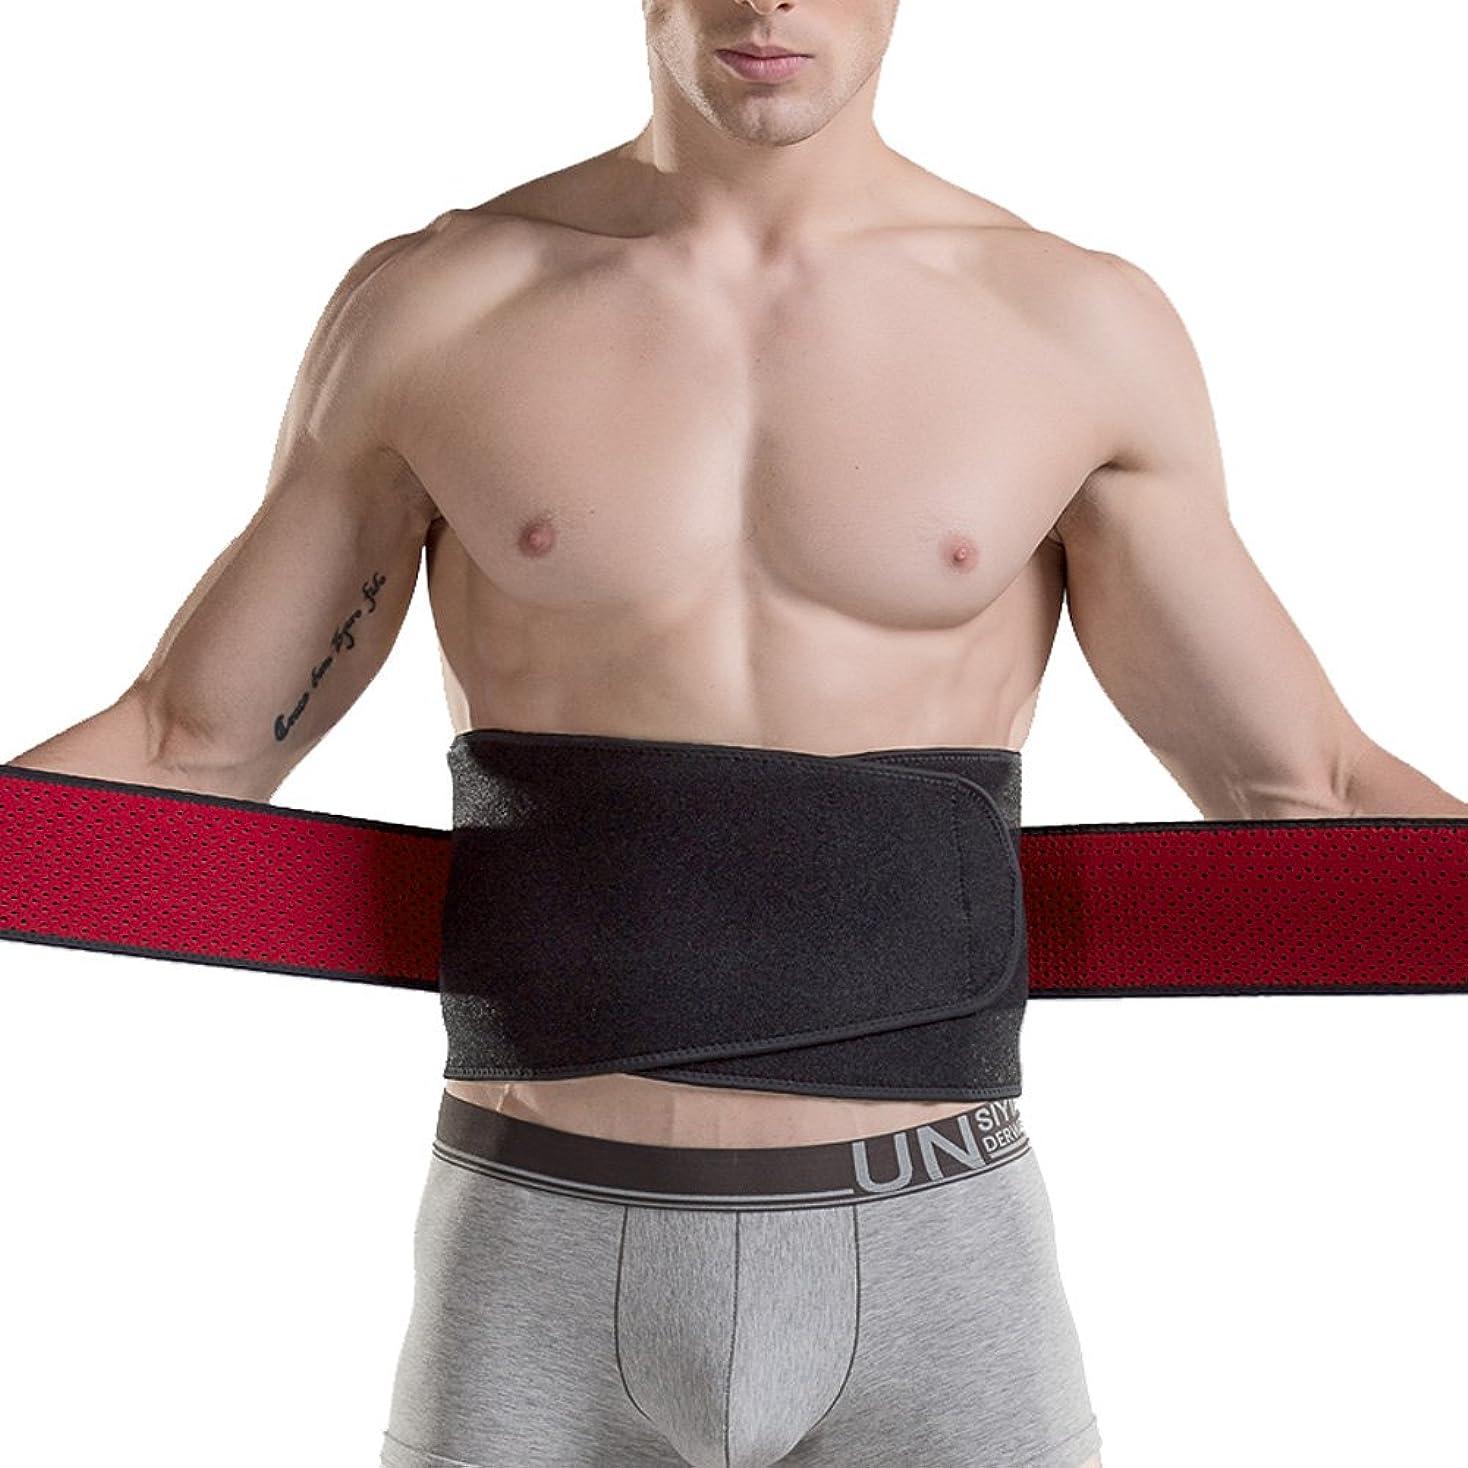 冷えるメダリストトピック[RSWHYY] メンズ ウエストサポーター 二重加圧 腹巻 調節可 ケガ防止 腰痛緩和 ジム フィットネス